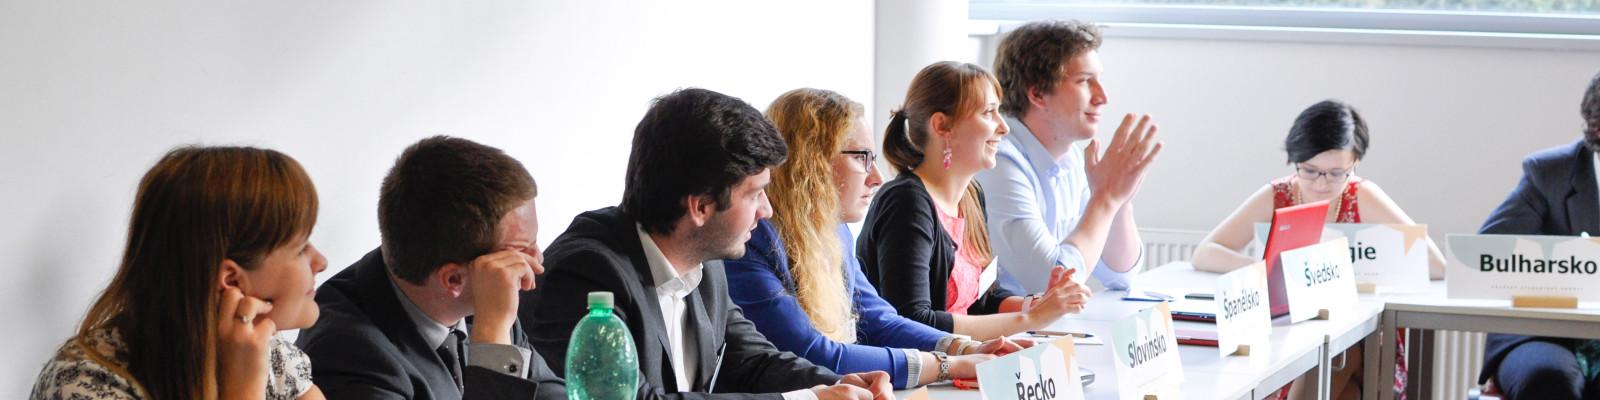 II. přípravné setkání XXII. ročníku Pražského studentského summitu